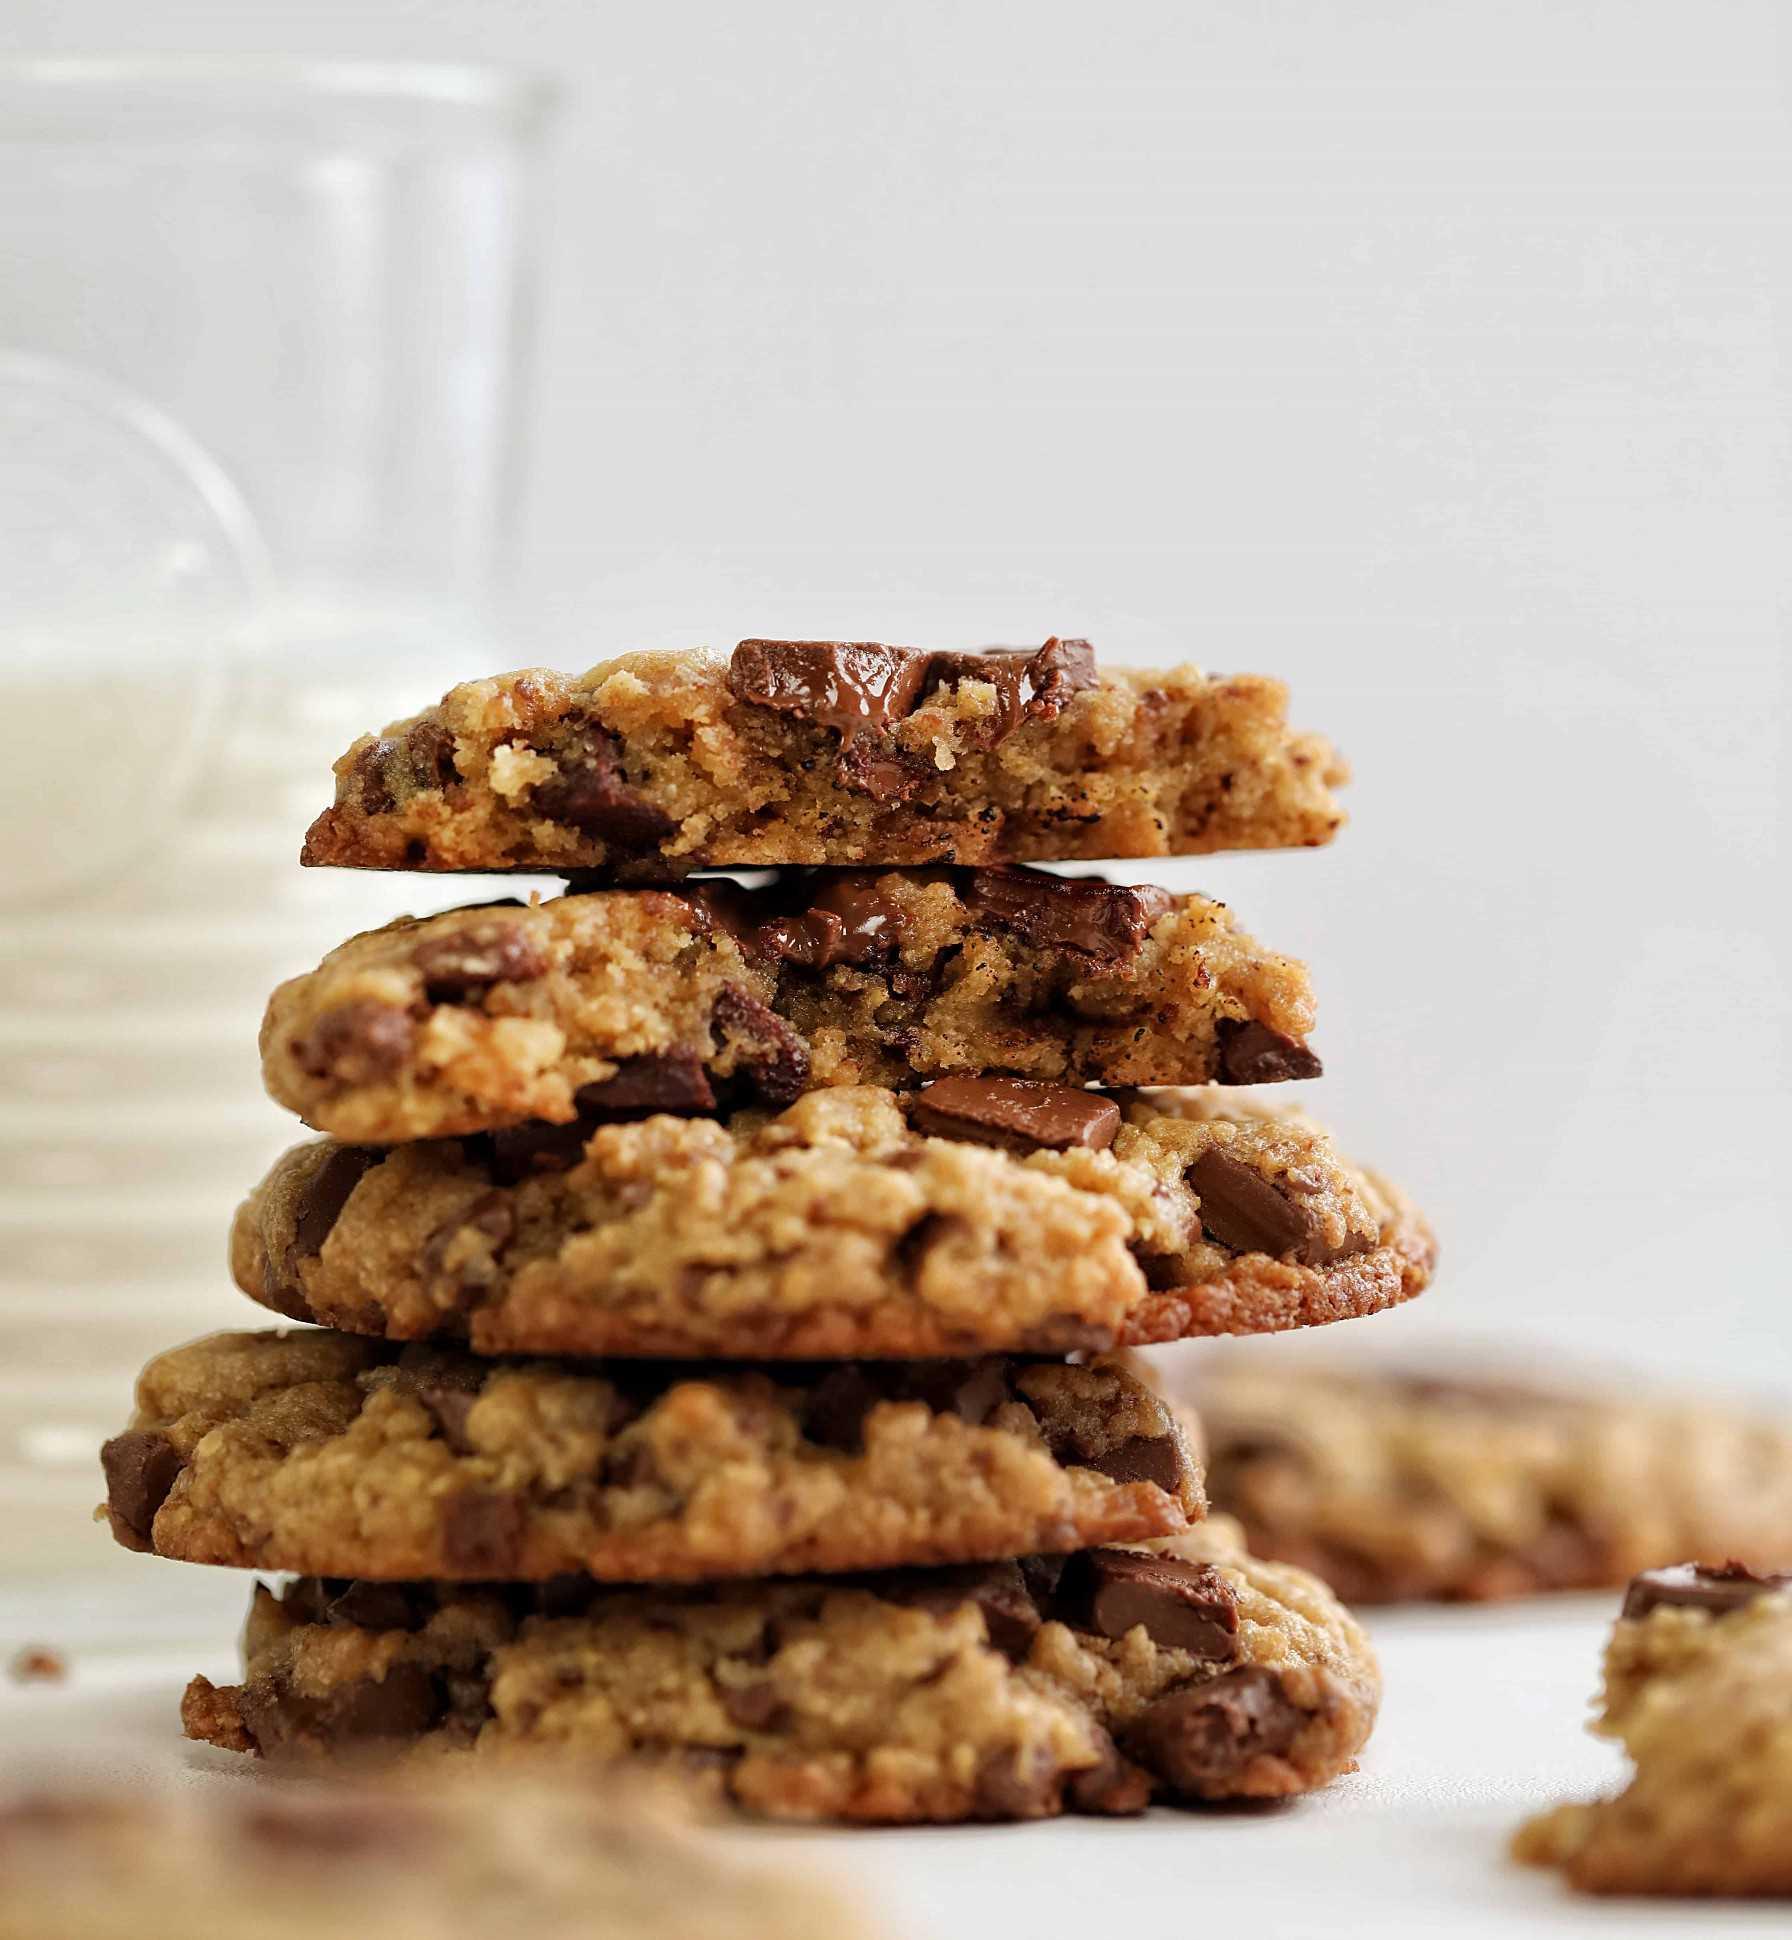 Receta de galletas de chispas de chocolate